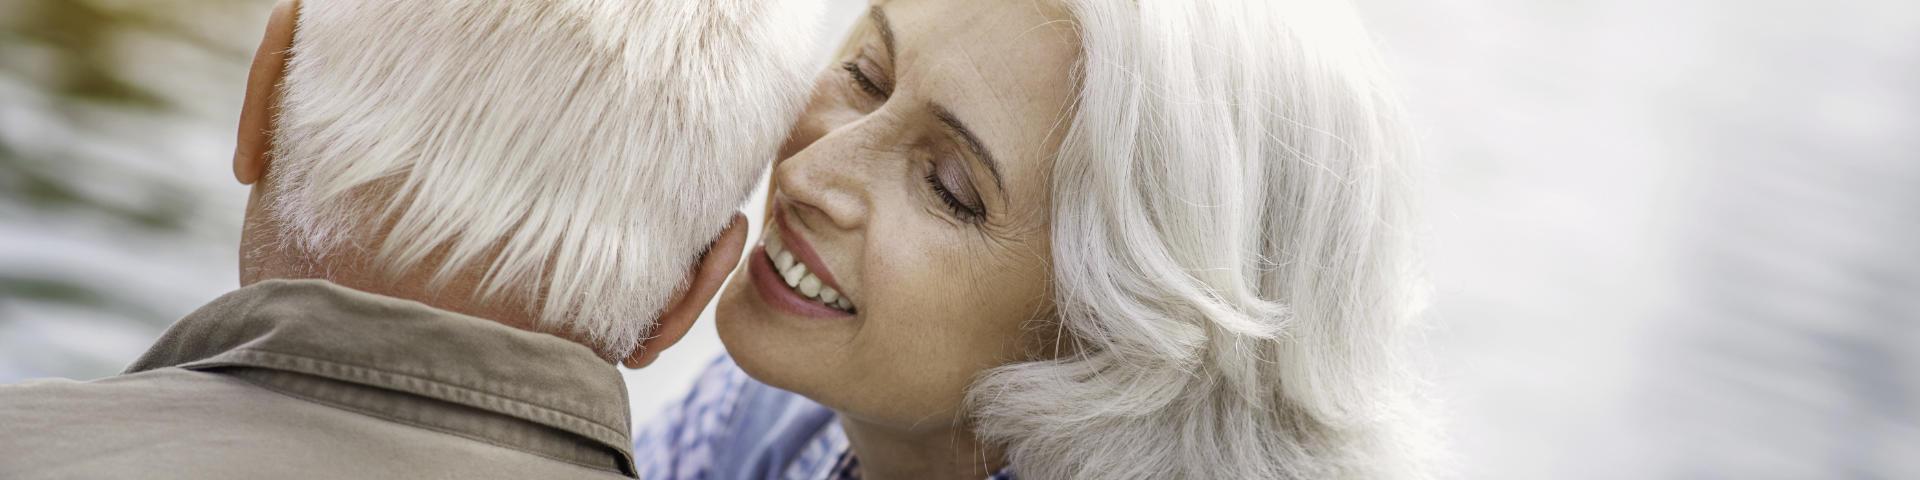 Joyful elderly woman whispering to her husband's ear.